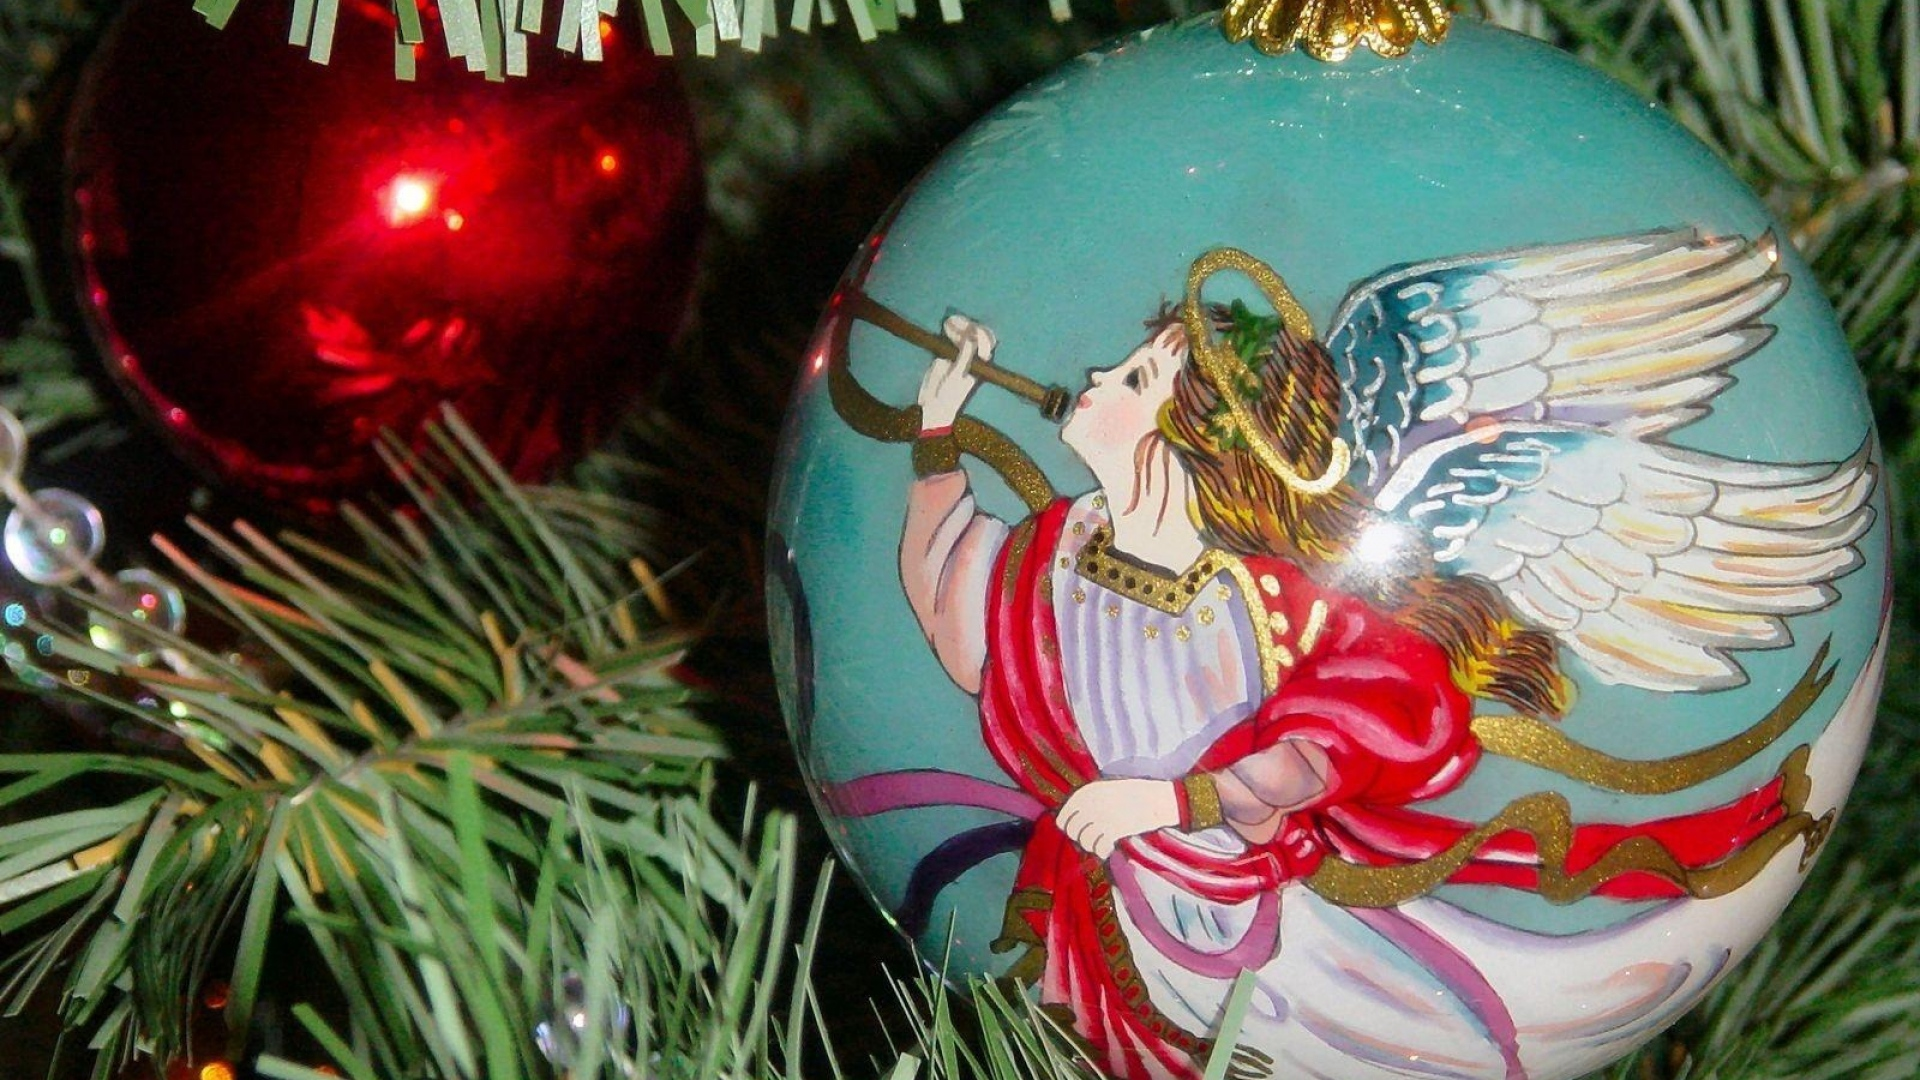 hd hintergrundbilder engel close-up ballon weihnachtsschmuck baum weihnachten 1920x1080